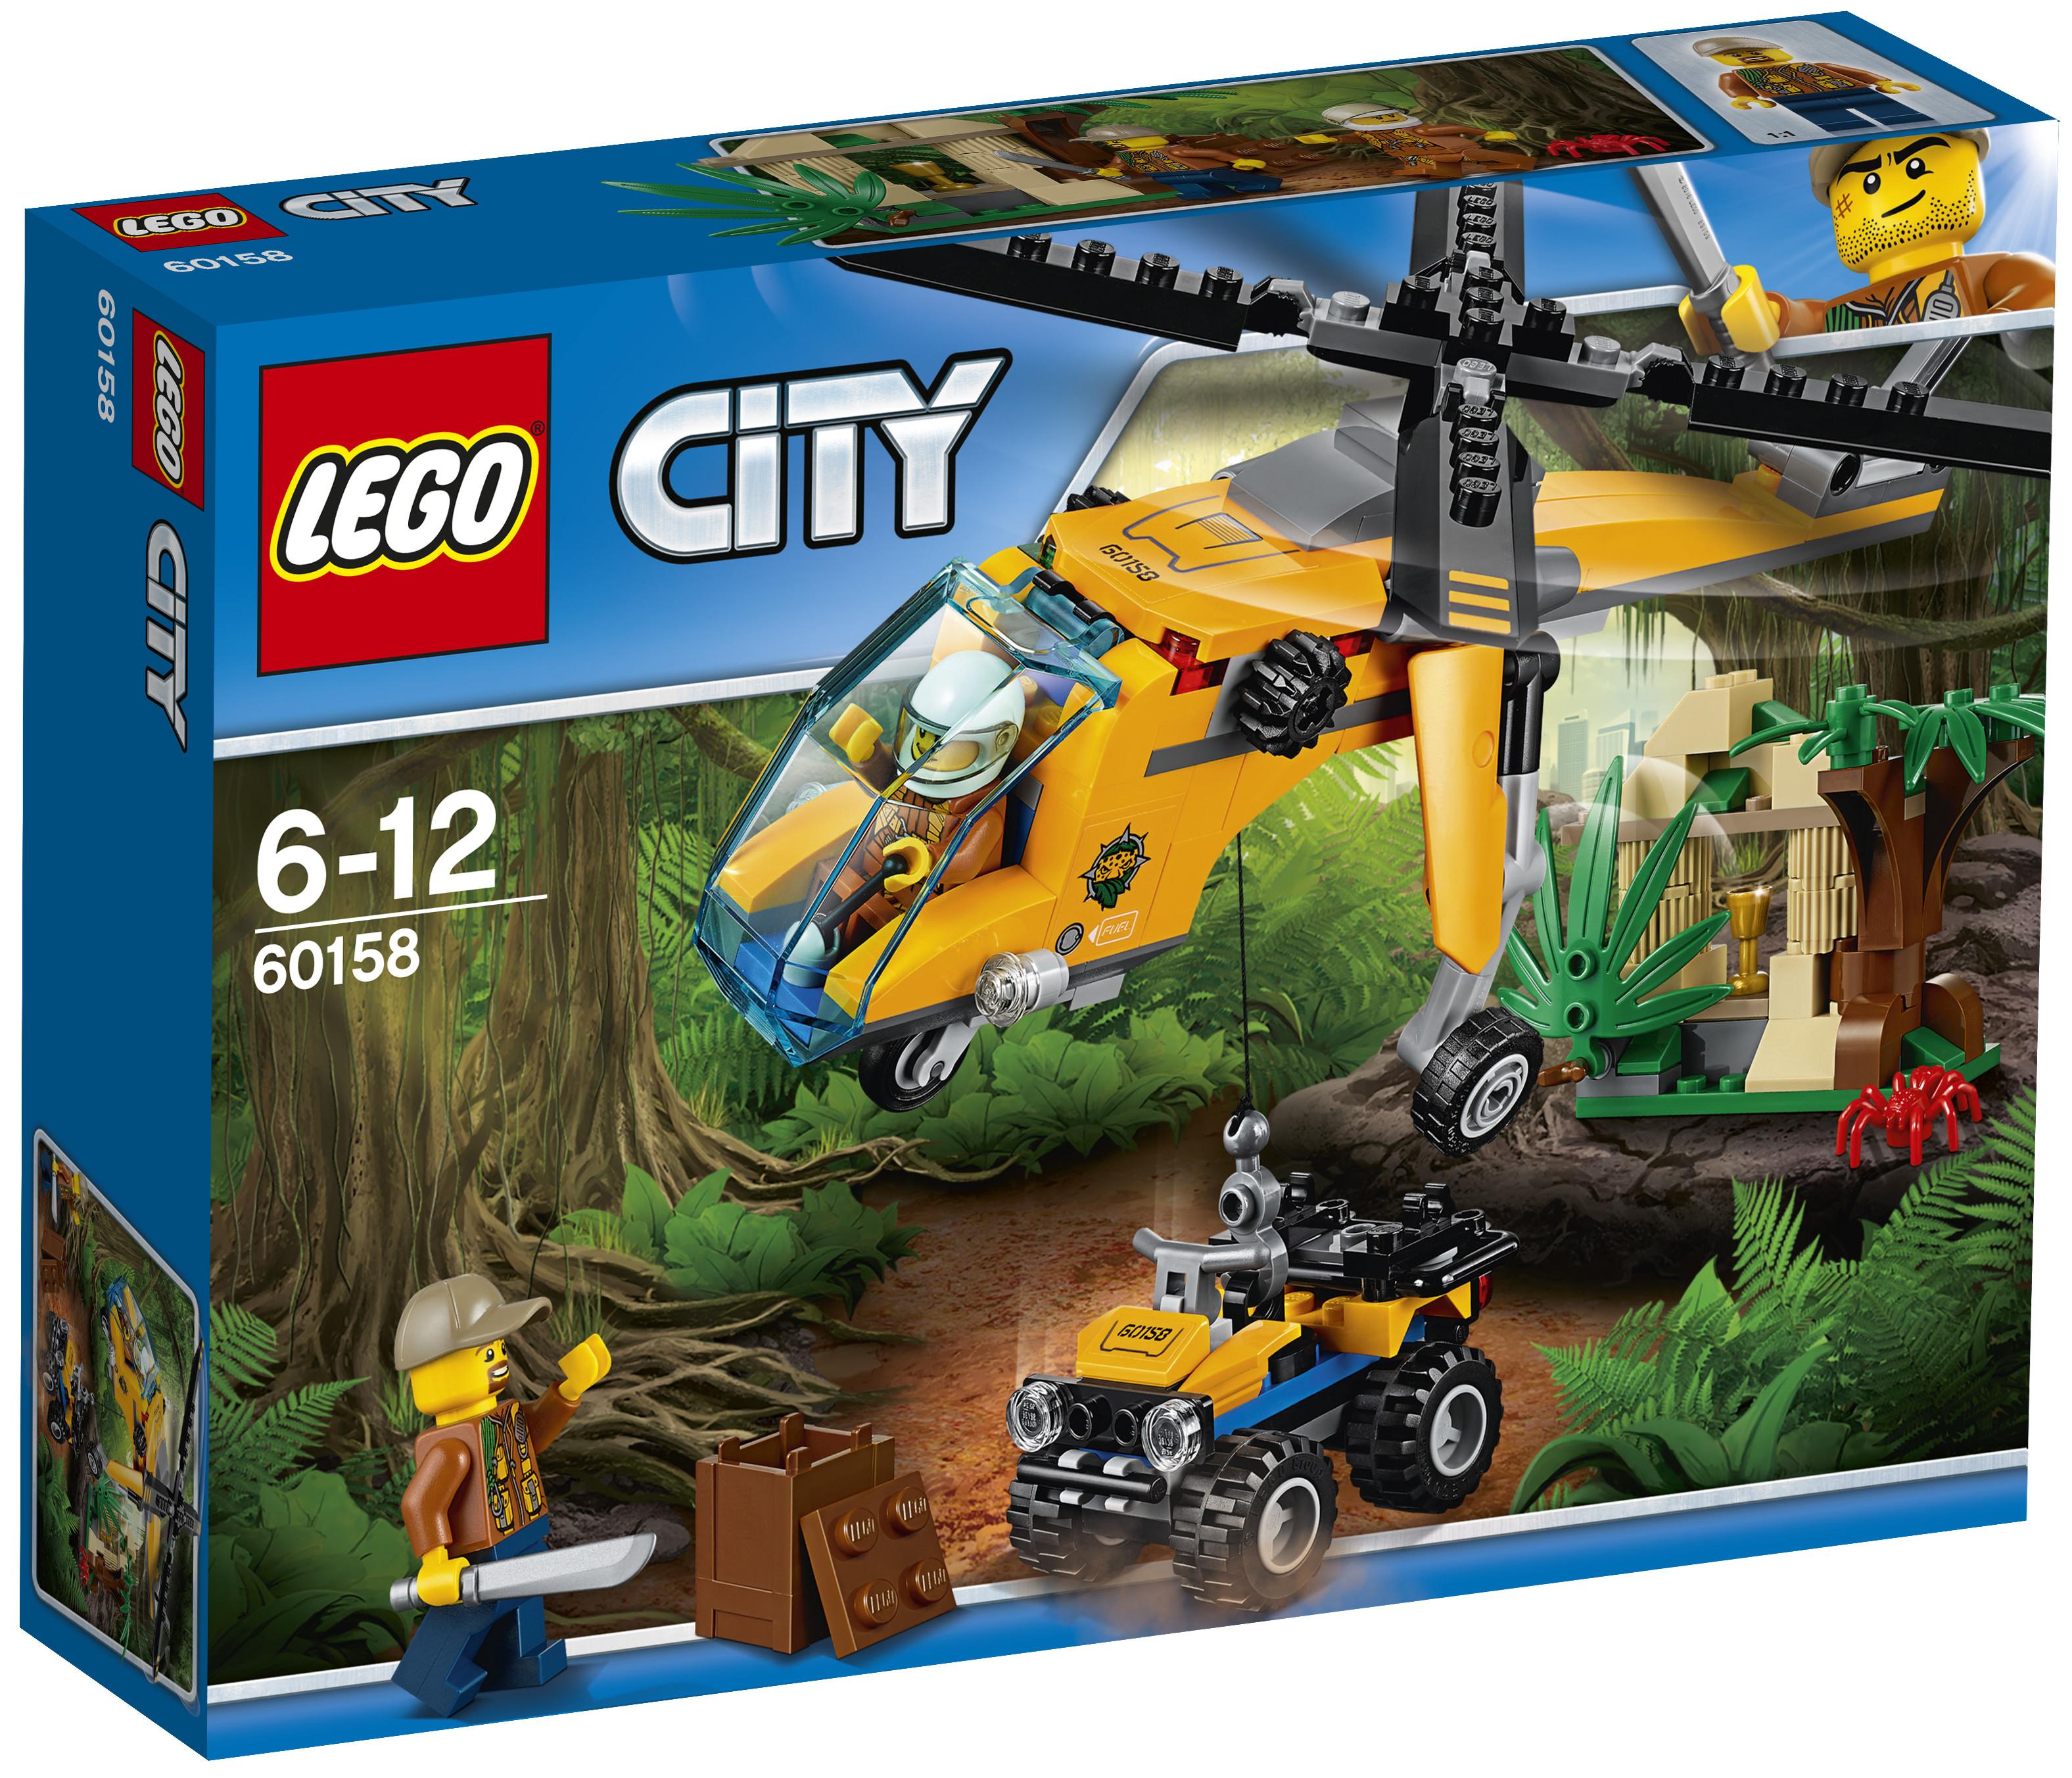 Конструктор LEGO LEGO City Jungle Explorer 60158 Грузовой вертолёт исследователей джунглей